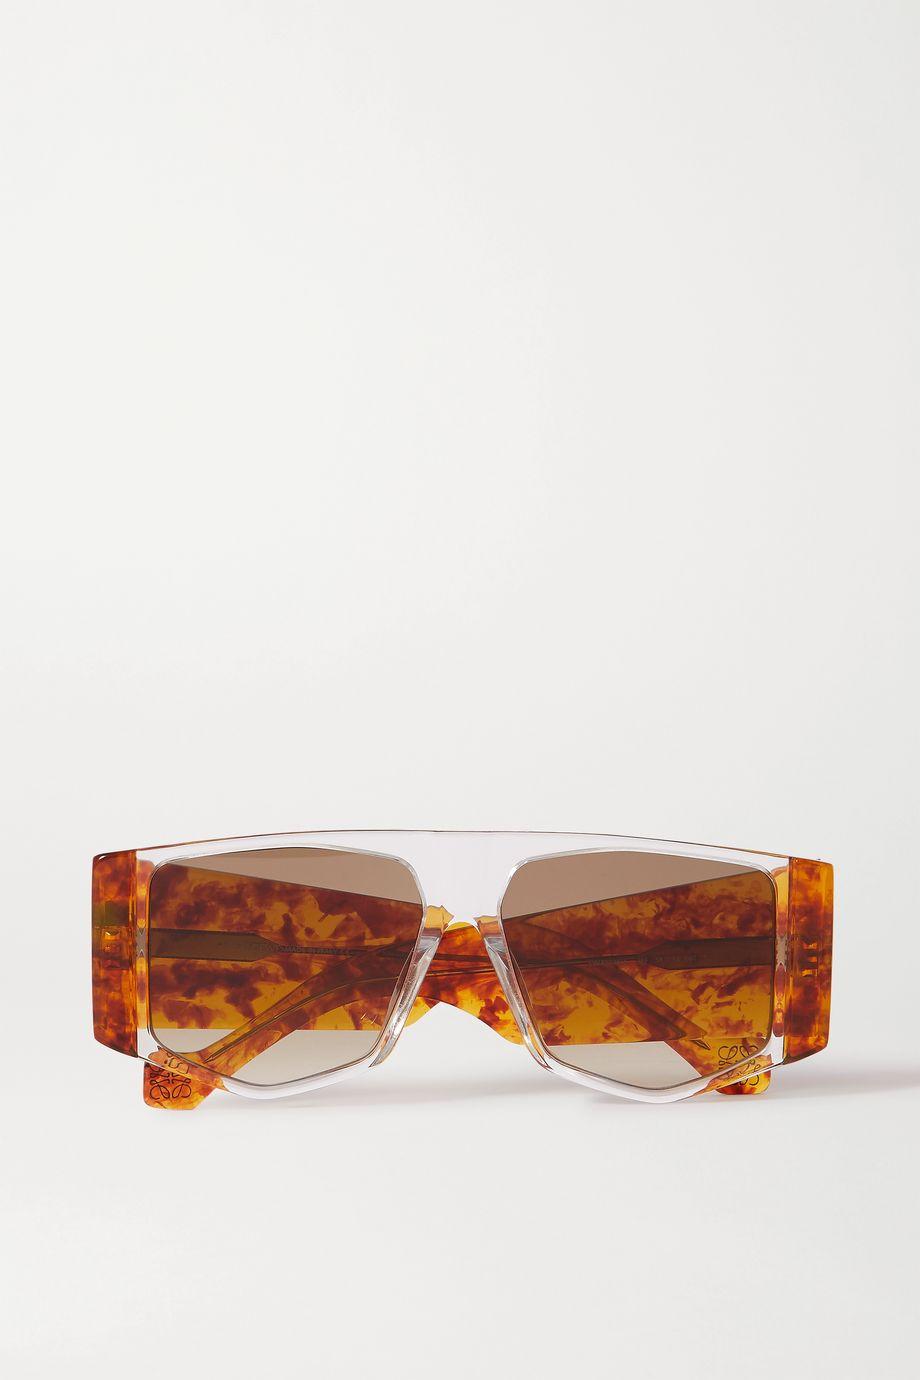 Loewe 超大款板材 D 形框太阳镜